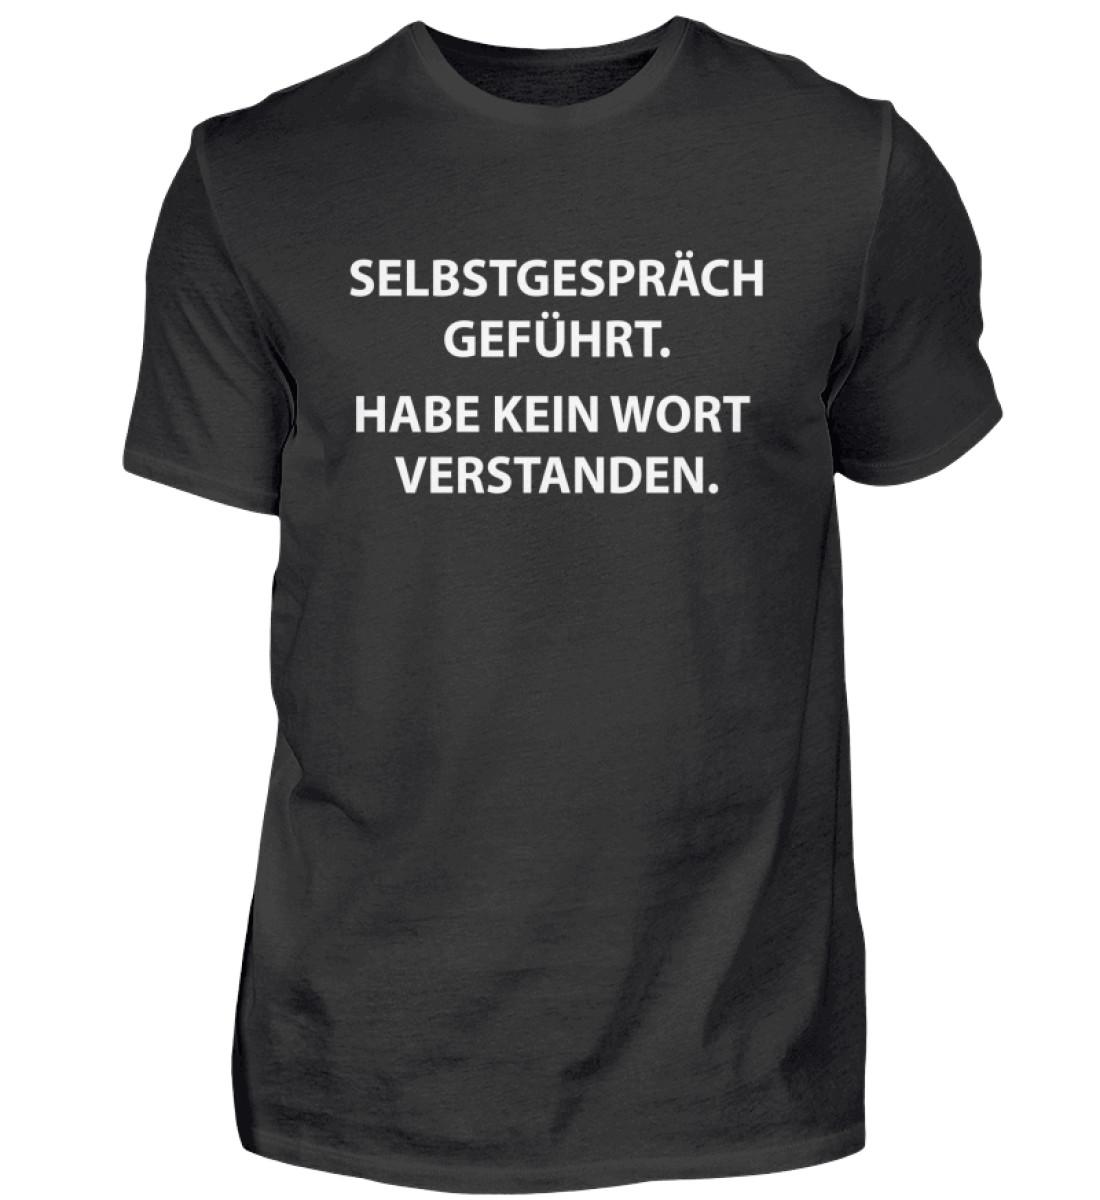 Selbstgespräch geführt - Herren Shirt-16